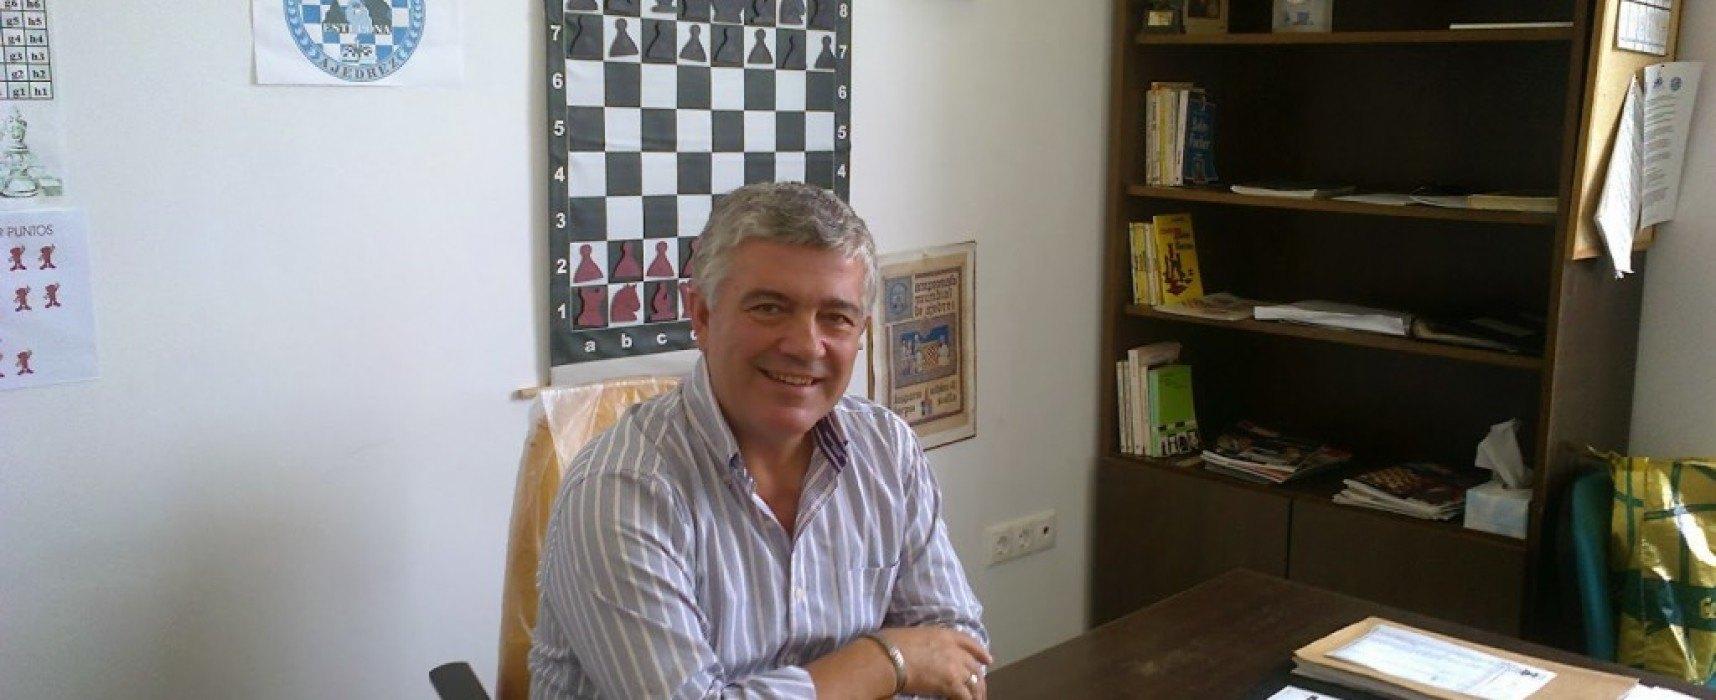 Miguel Abril: 'Estepona es un museo, una ciudad del ajedrez' + 5 películas que hay que ver